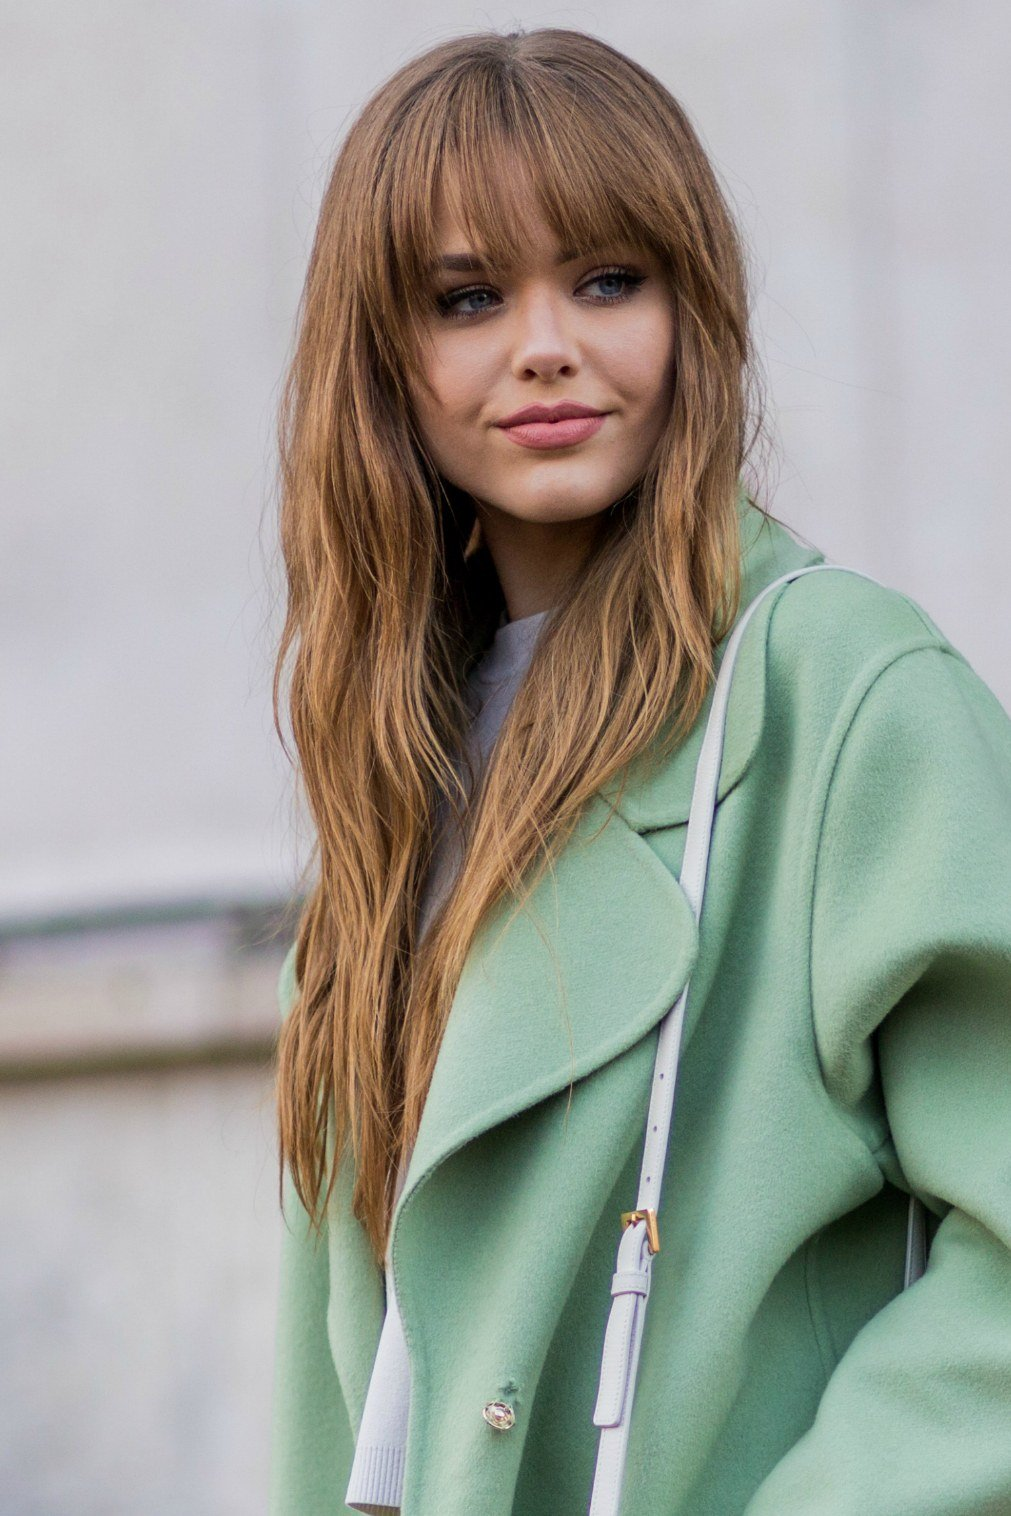 Мода на стрижки может меняться каждый год, а то и чаще, но мода на здоровые волосы будет всегда, поэтому не забываем укреплять волосы, подпитывать их и заботится о них каждый день:.